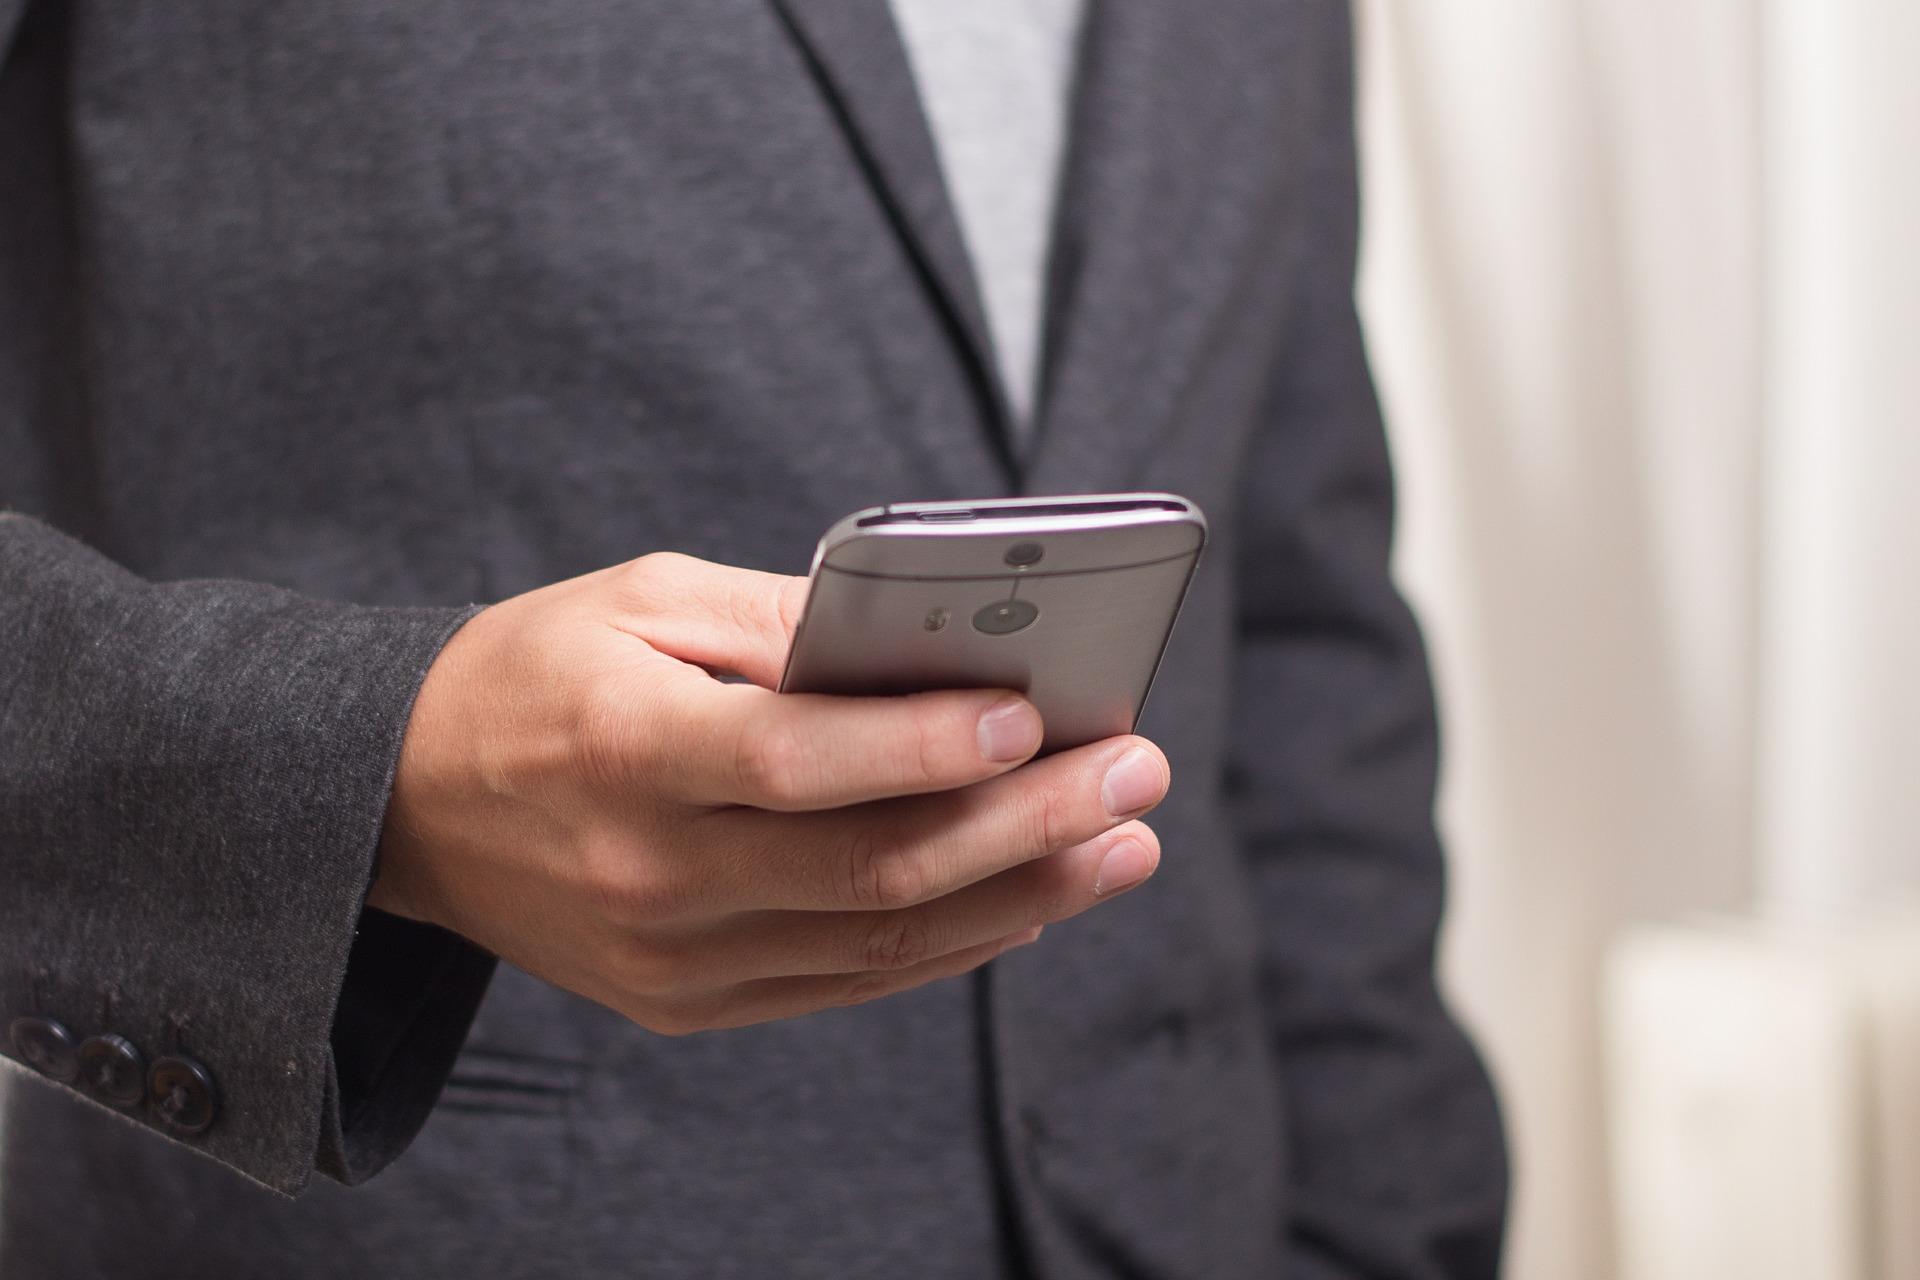 Mann mit Handy in der Hand